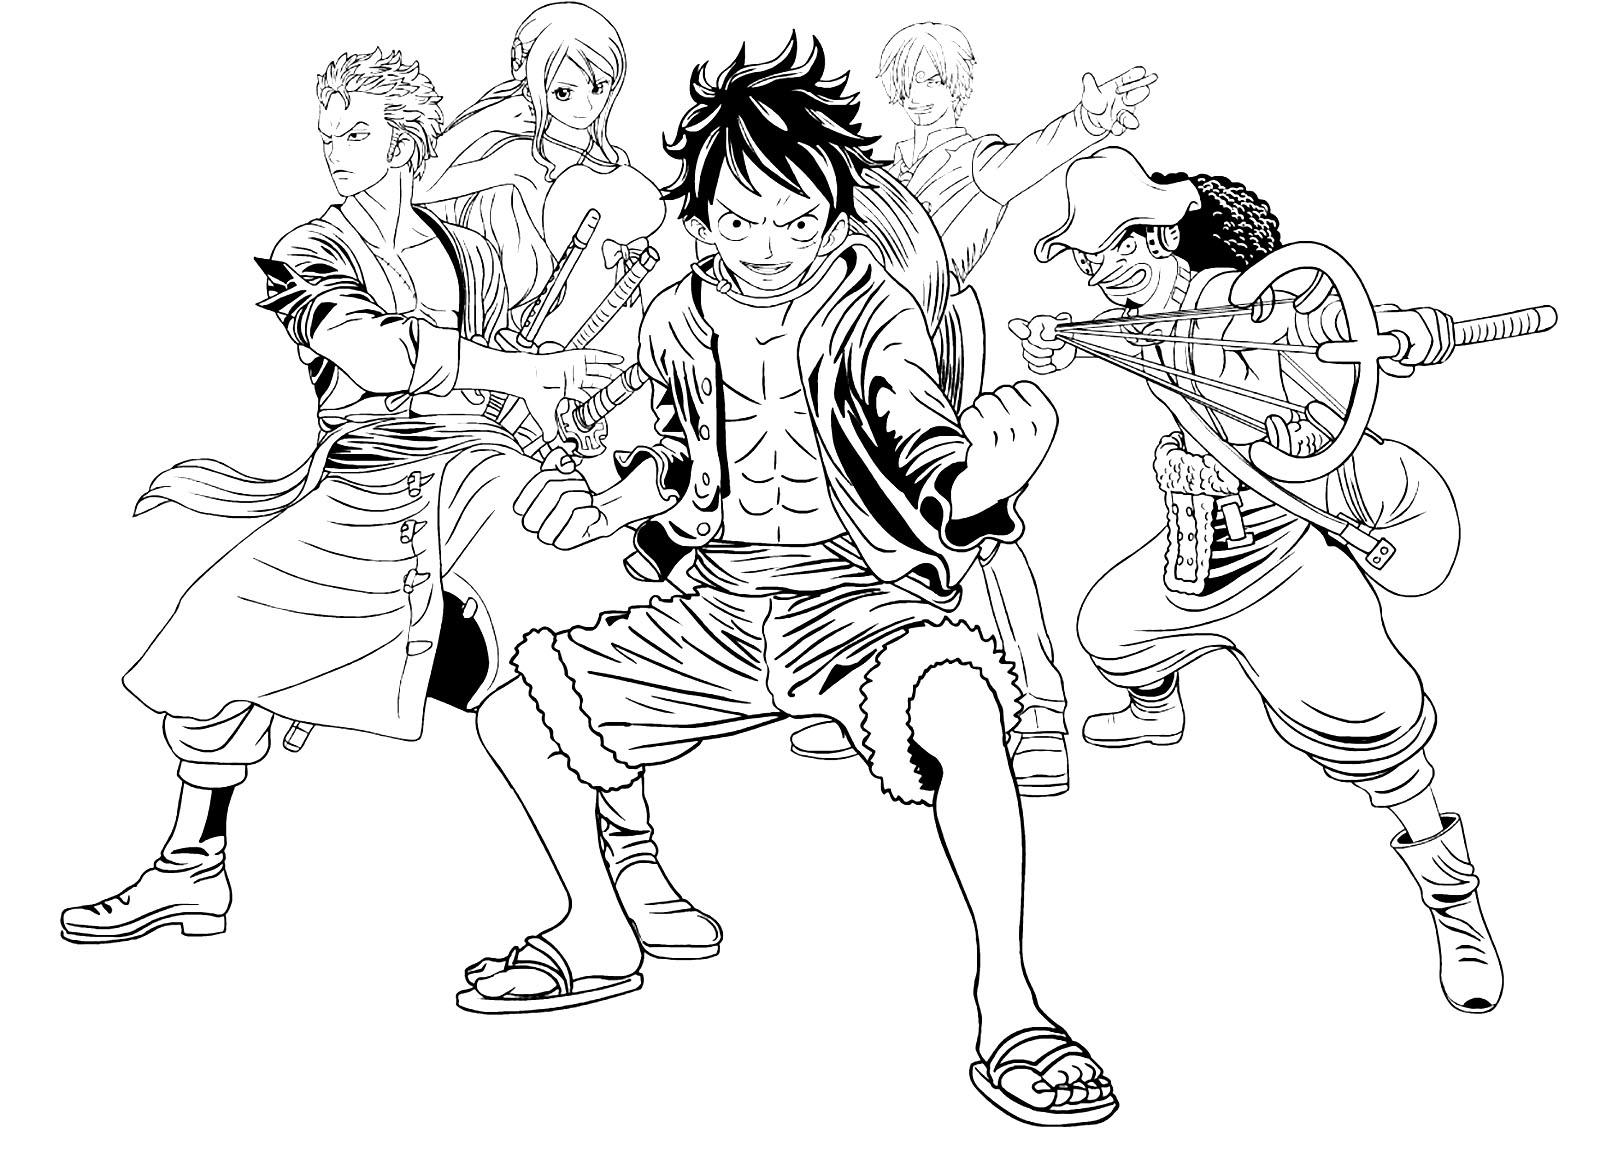 Tuyển tập các bức tranh tô màu One Piece dành cho các bé